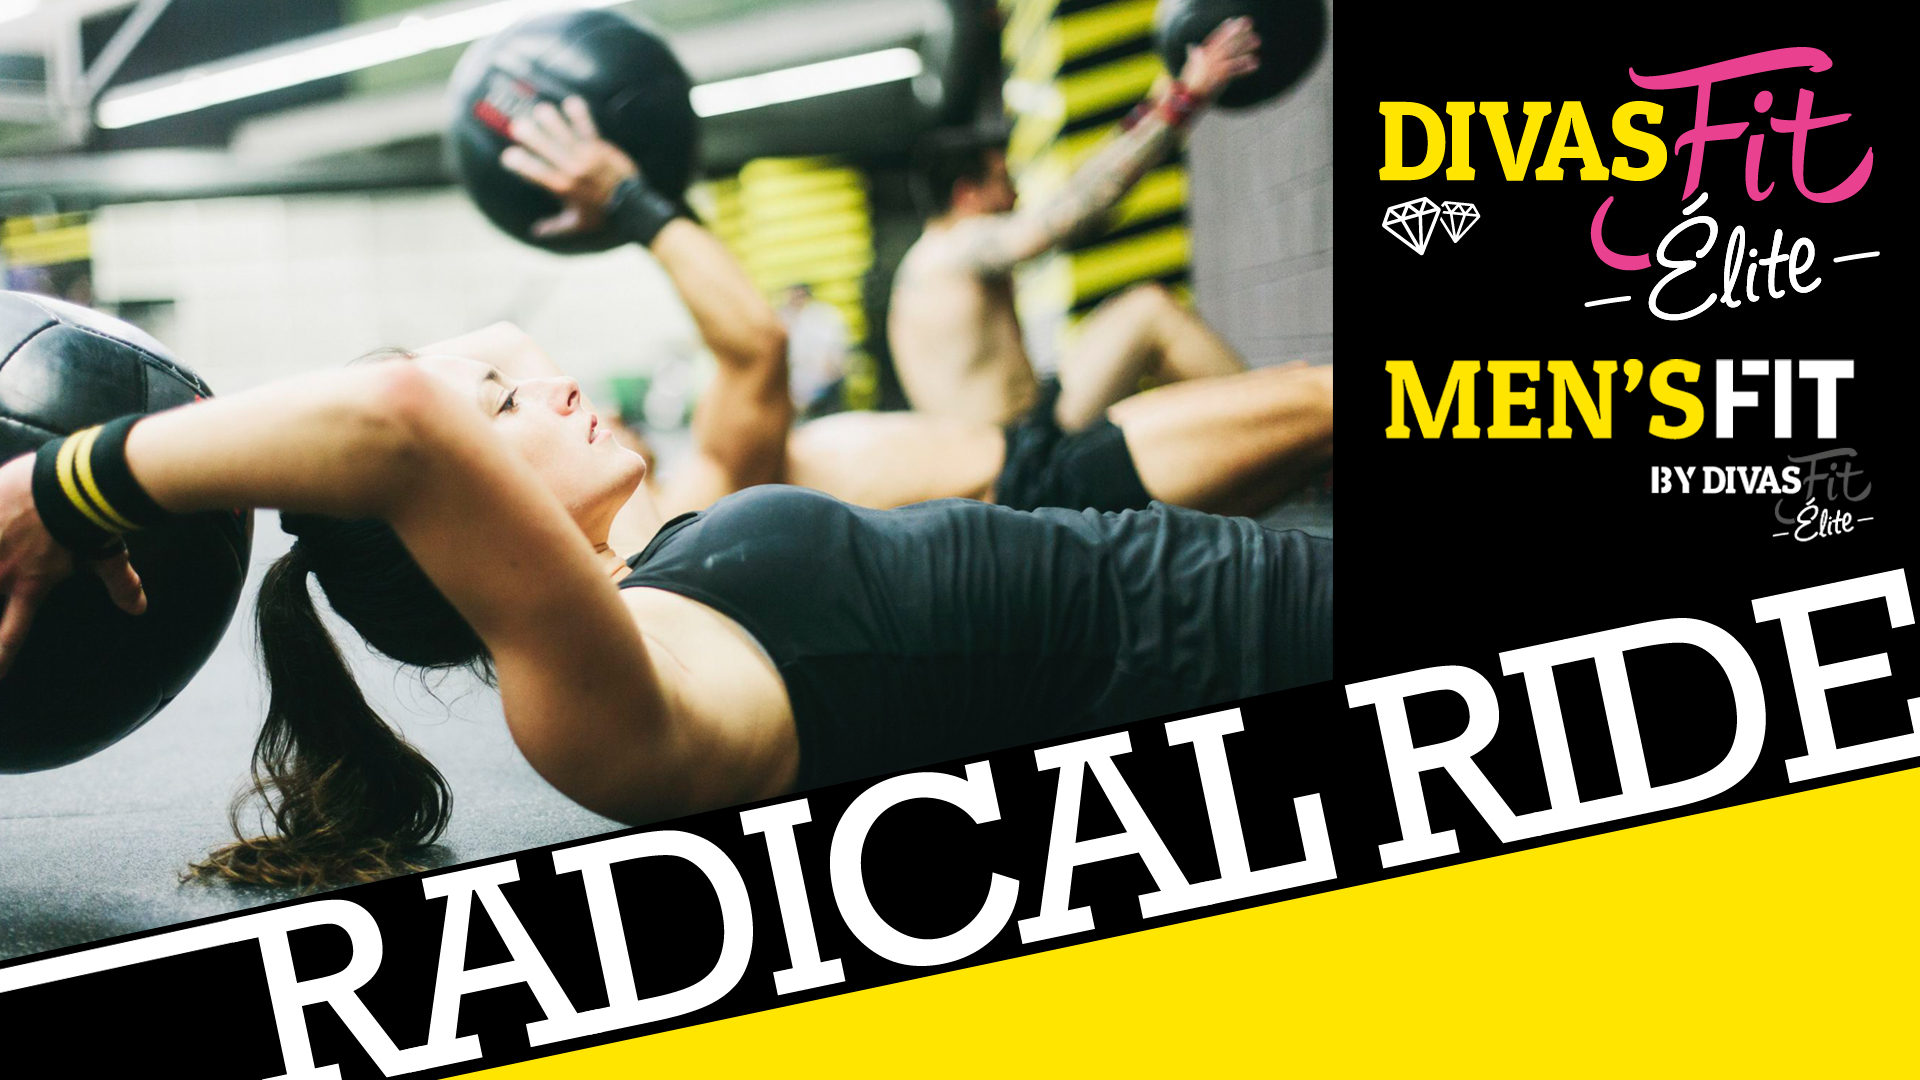 Visuel cours radical ride de DivasFit